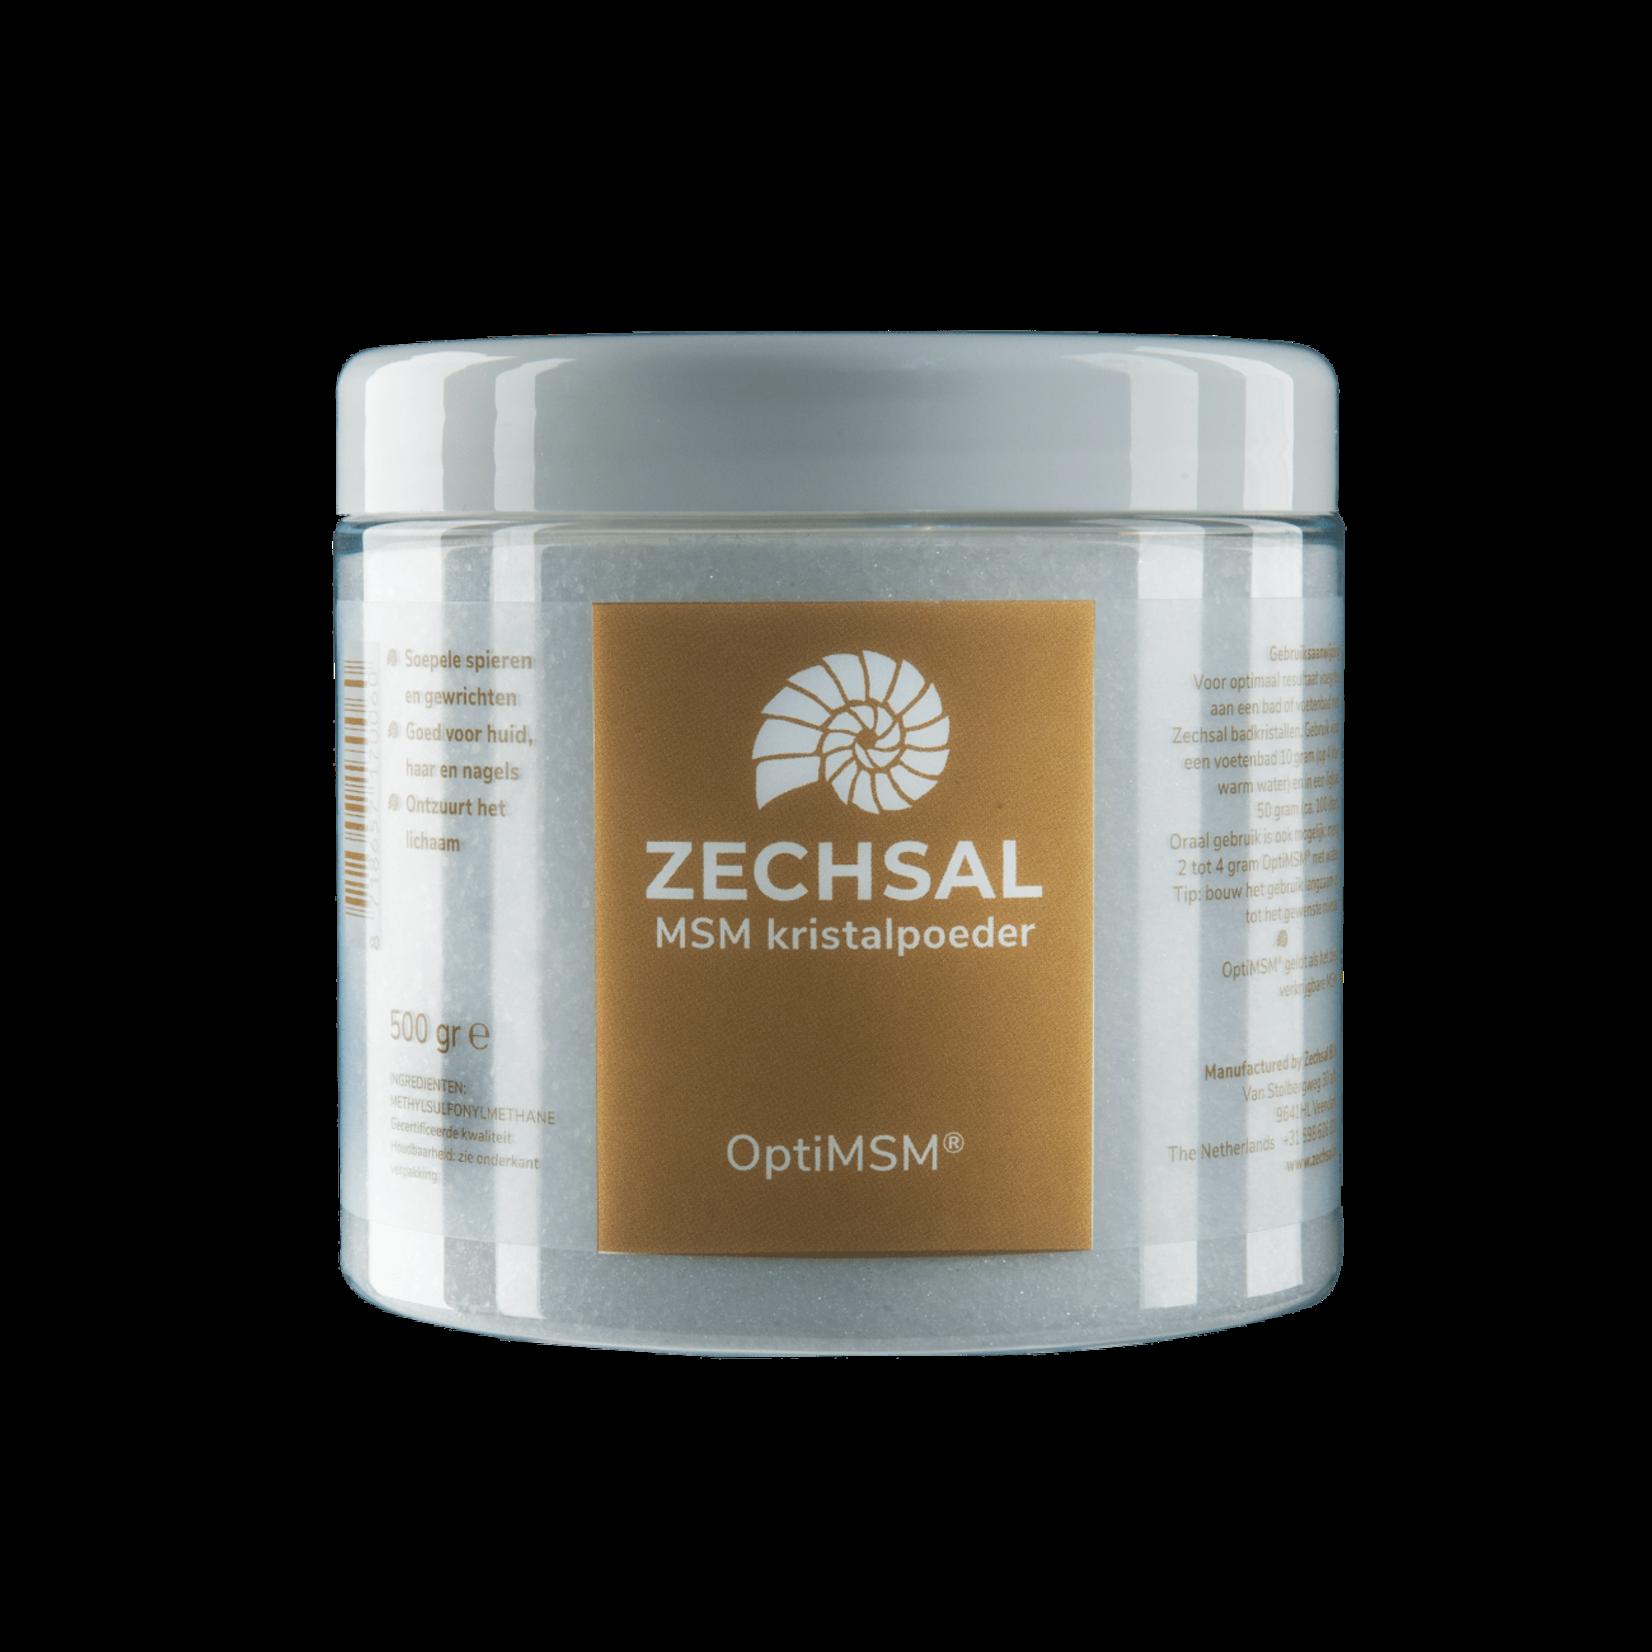 Zechsal Opti MSM - bron van organisch zwavel - remt ontstekingen in het lichaam - 500g